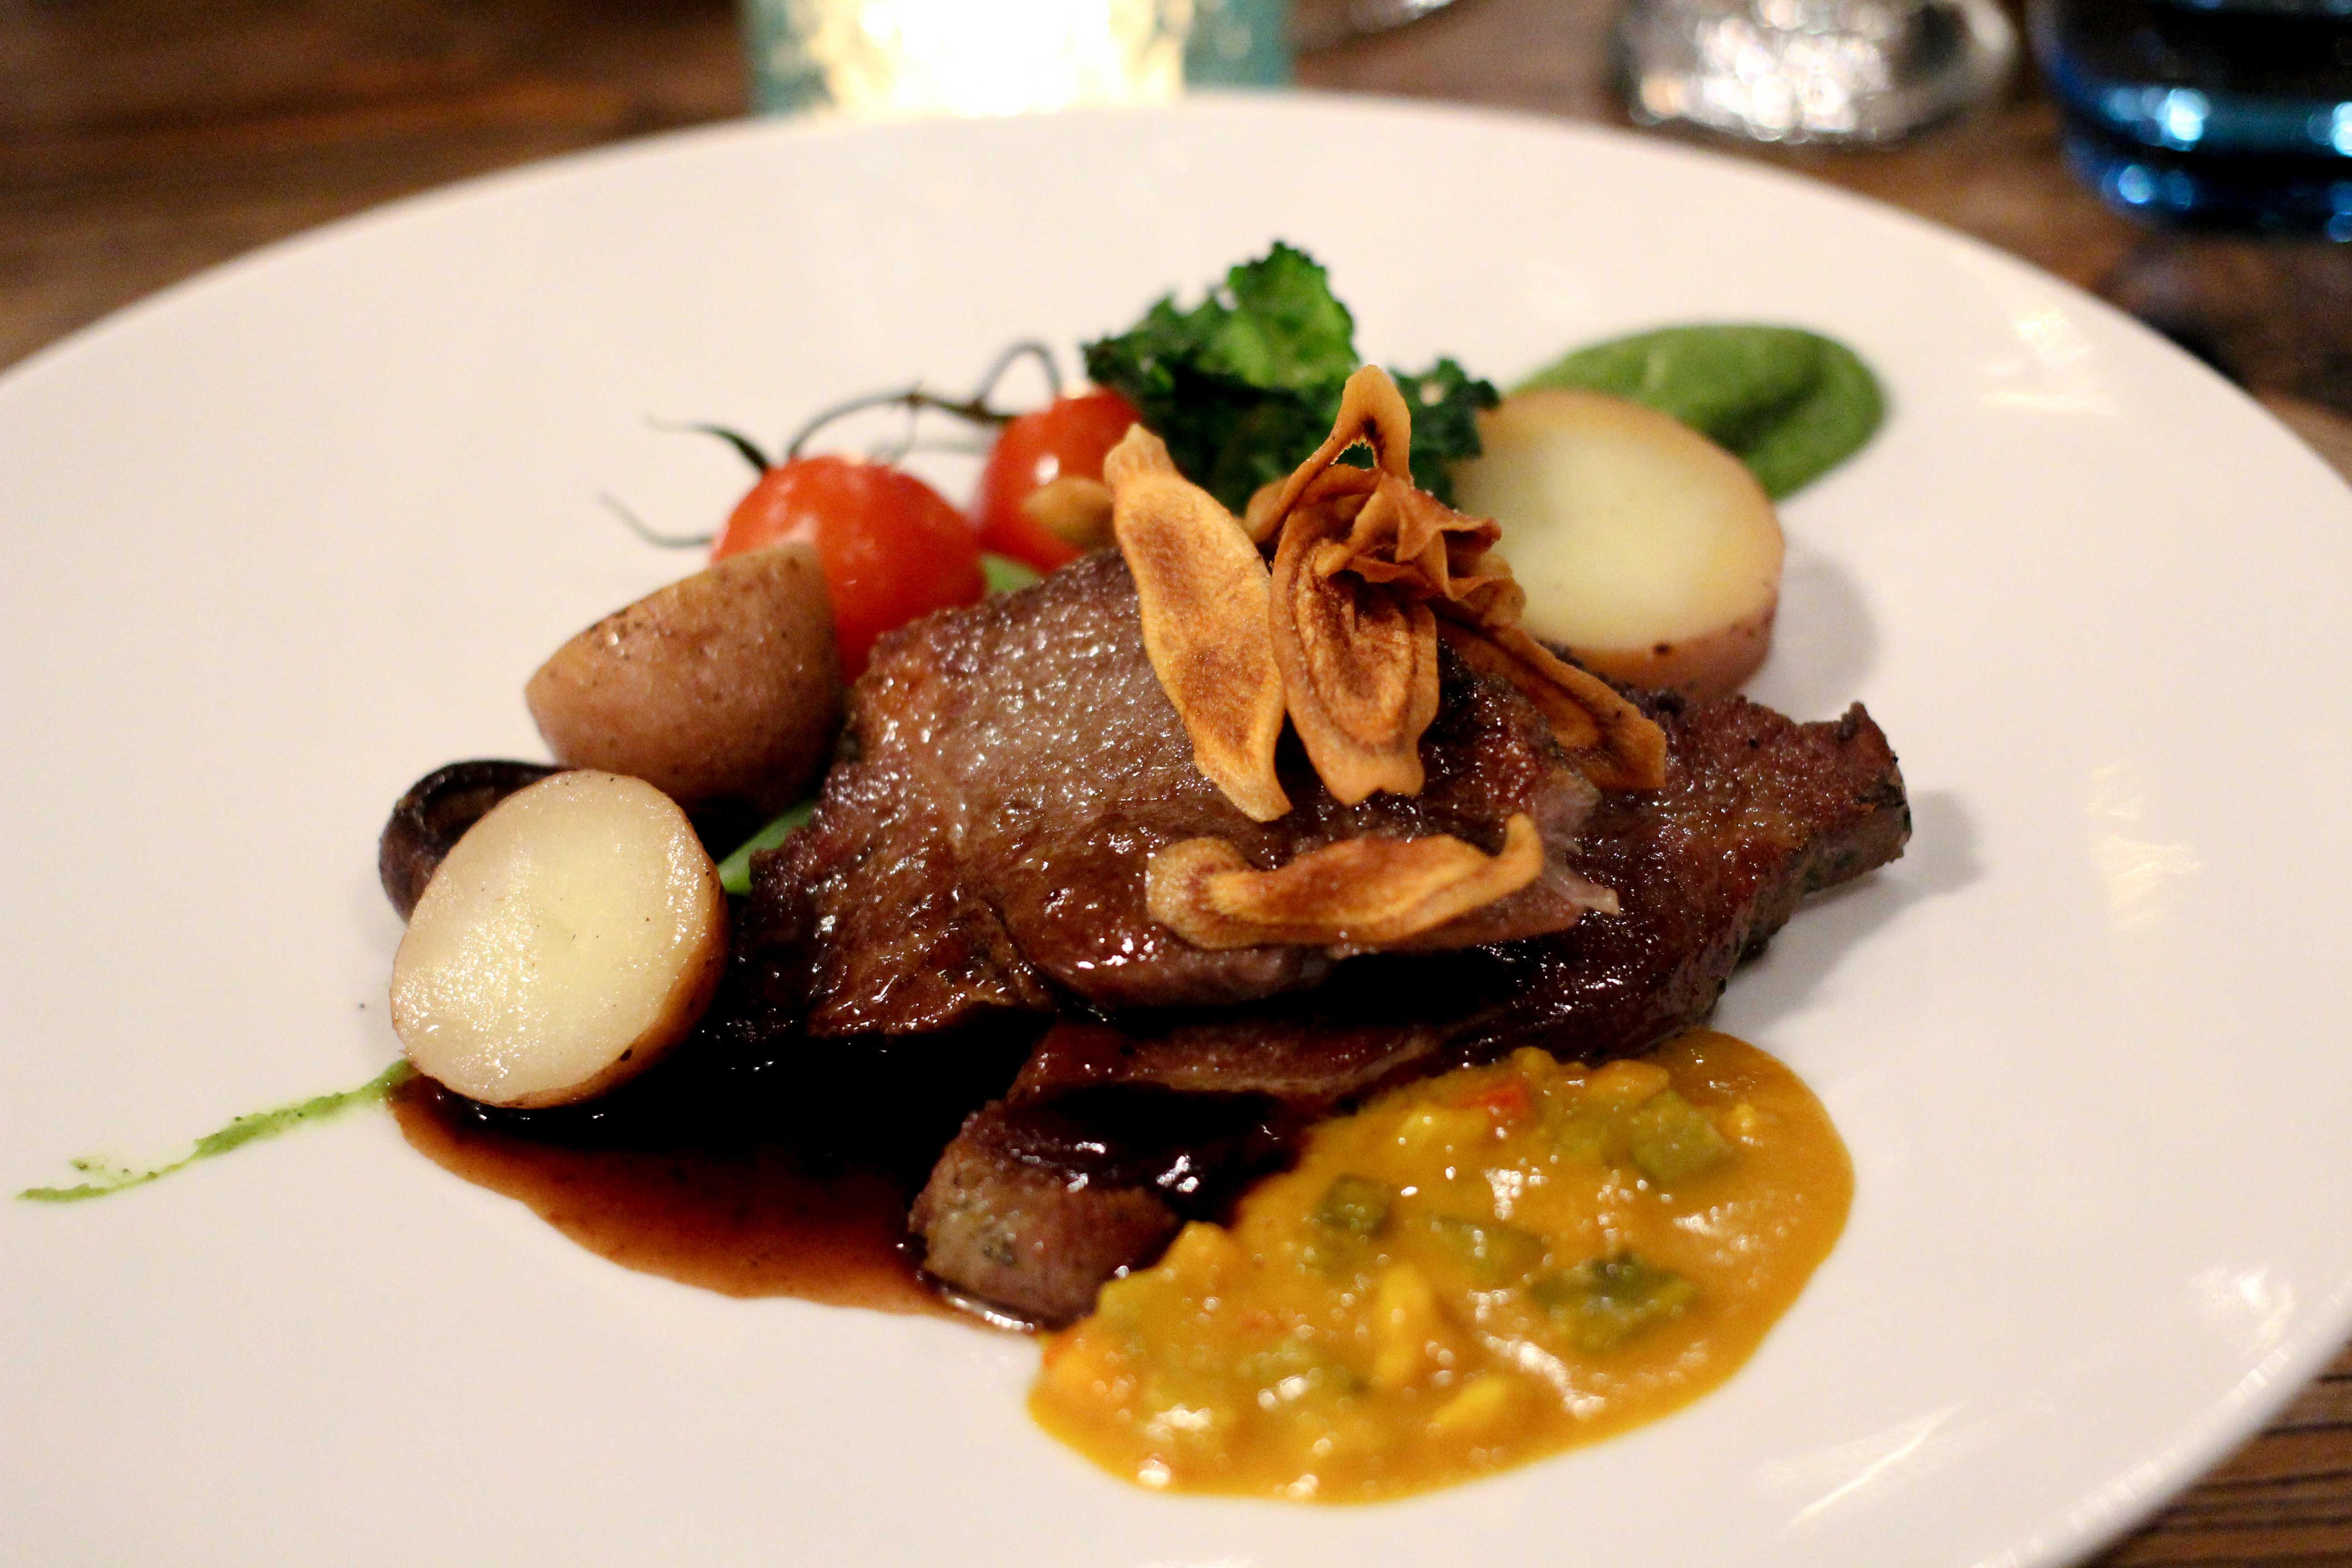 Holland Wochenendtrip Dinner in De Korenmolen Restaurant Appeltern 3 Gänge Menü Hautgericht das andere Holland Reiseblog